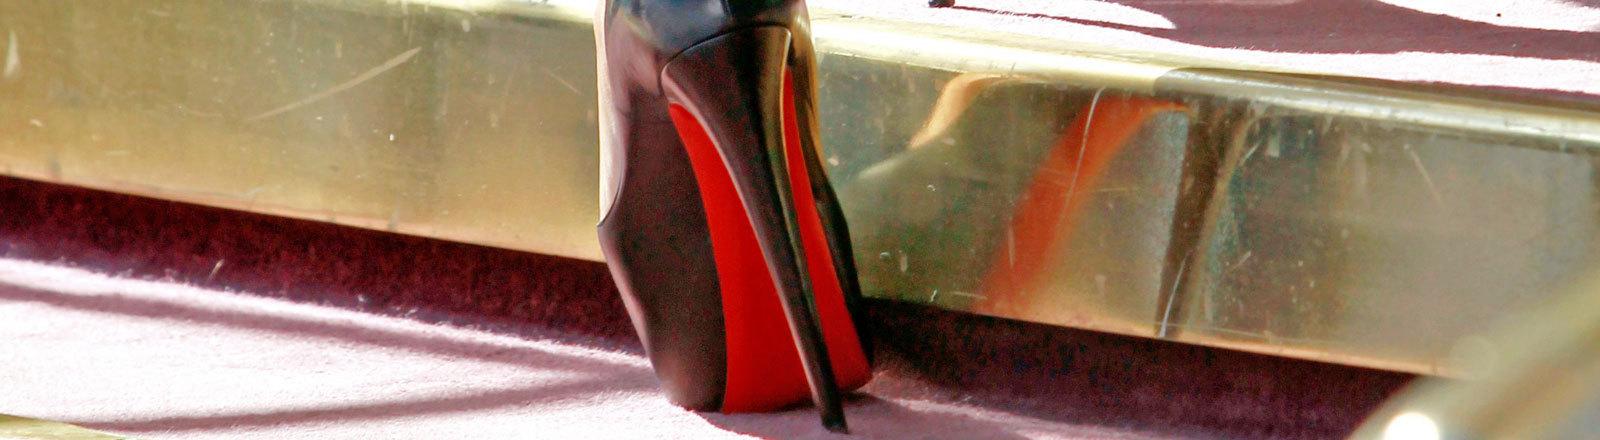 Rote Sohlen von Louboutin könnten als Marke zulässig sein